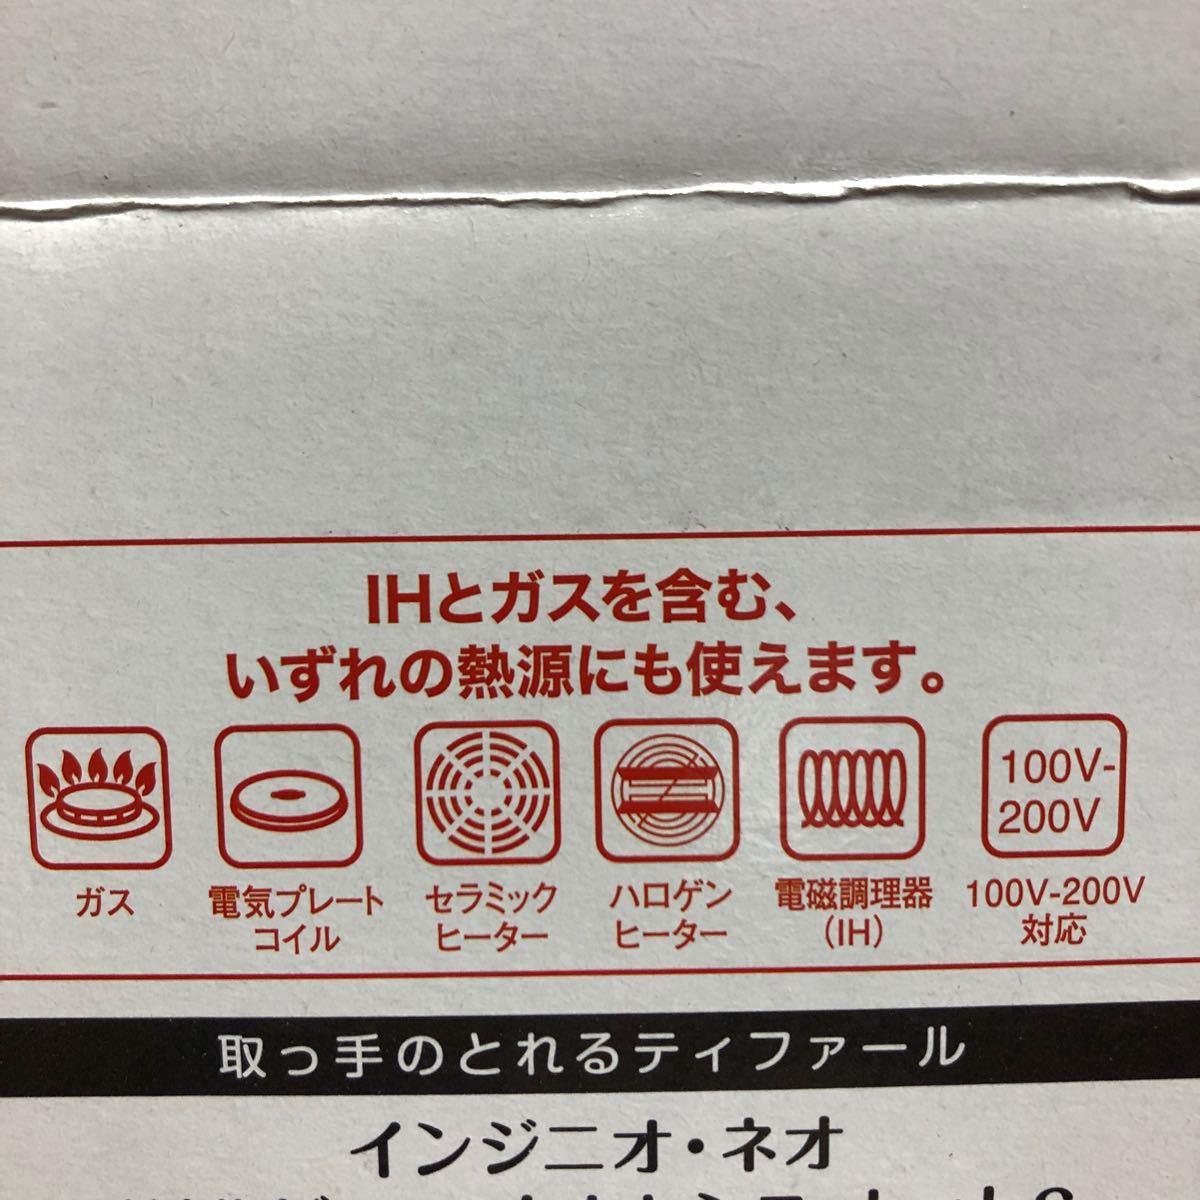 T-fal  インジニオ・ネオ IHルビー・エクセレンス  フライパン 26cm  22cm 2個セット